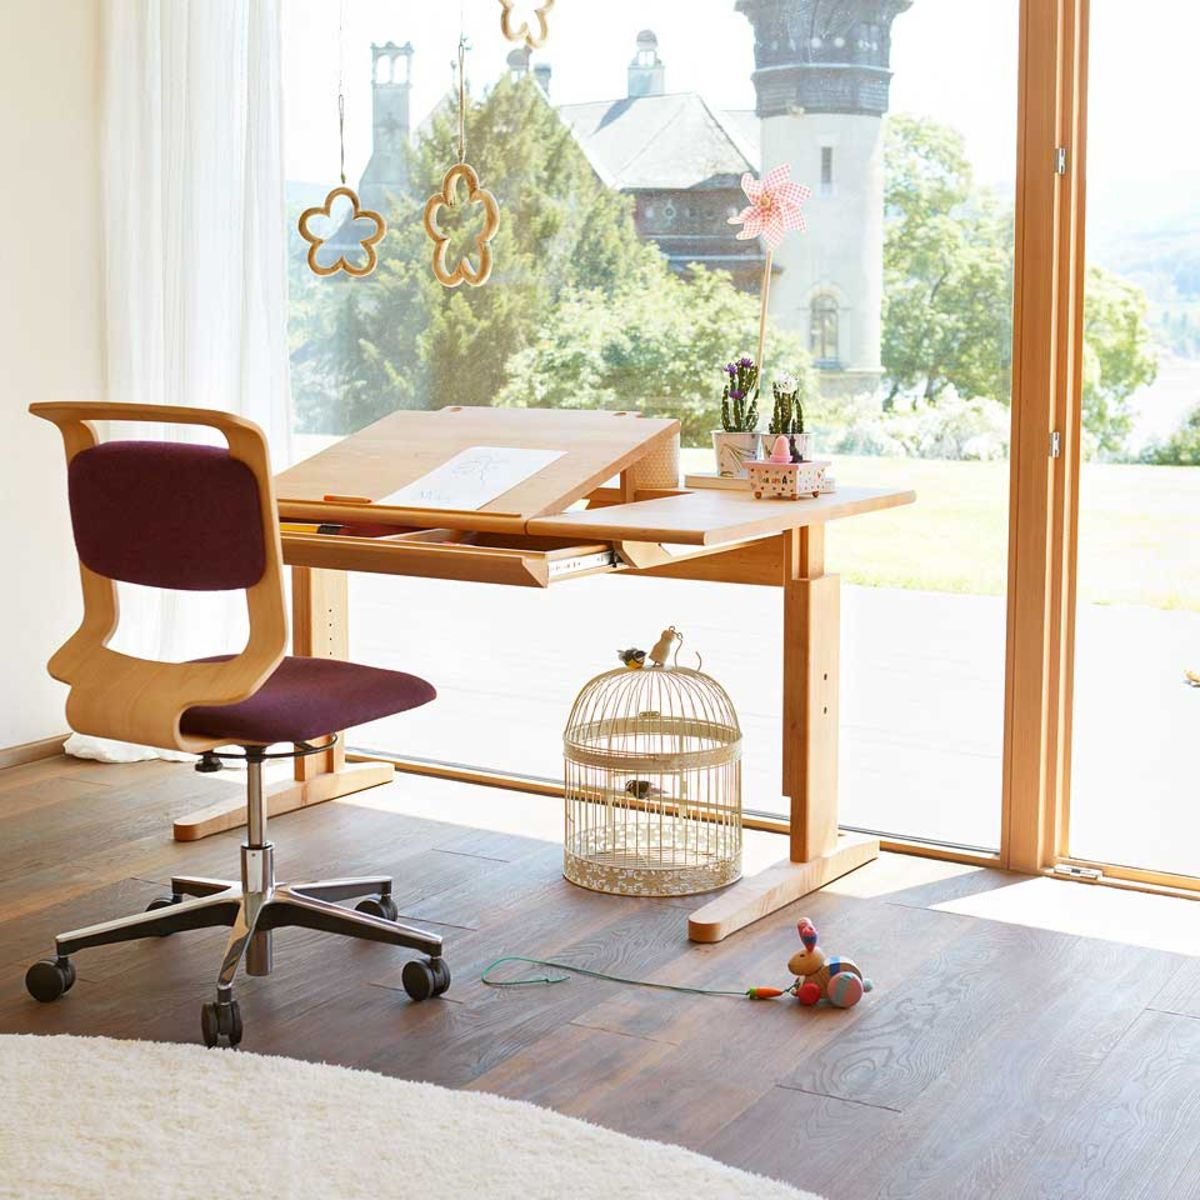 mobile Schreibtisch mit Drehstuhl von TEAM 7 Berlin